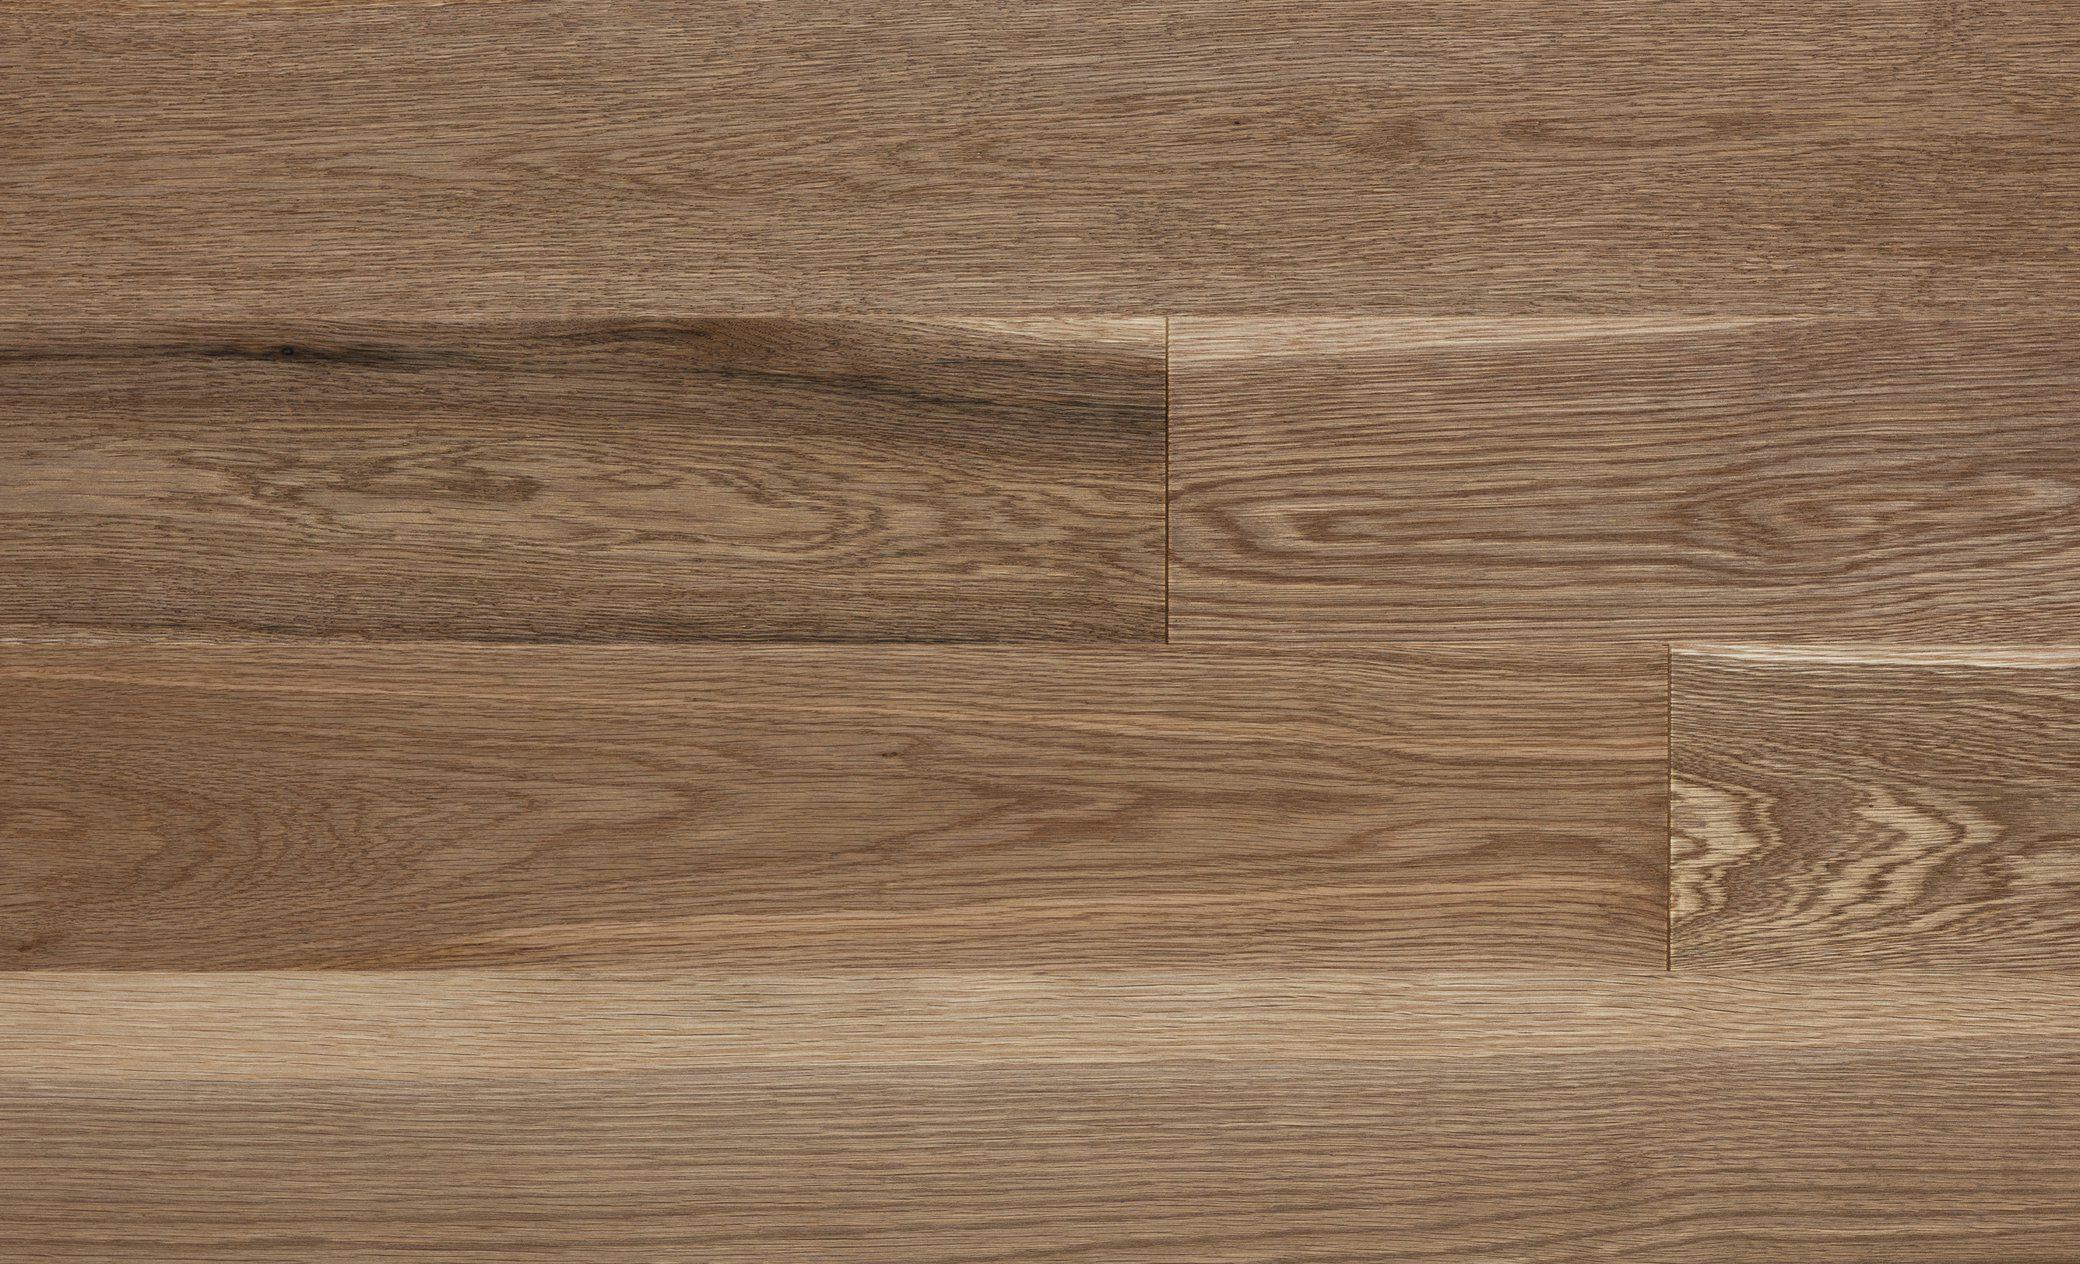 Mercier Element White Oak Authentic Solid Width: 3 1/4